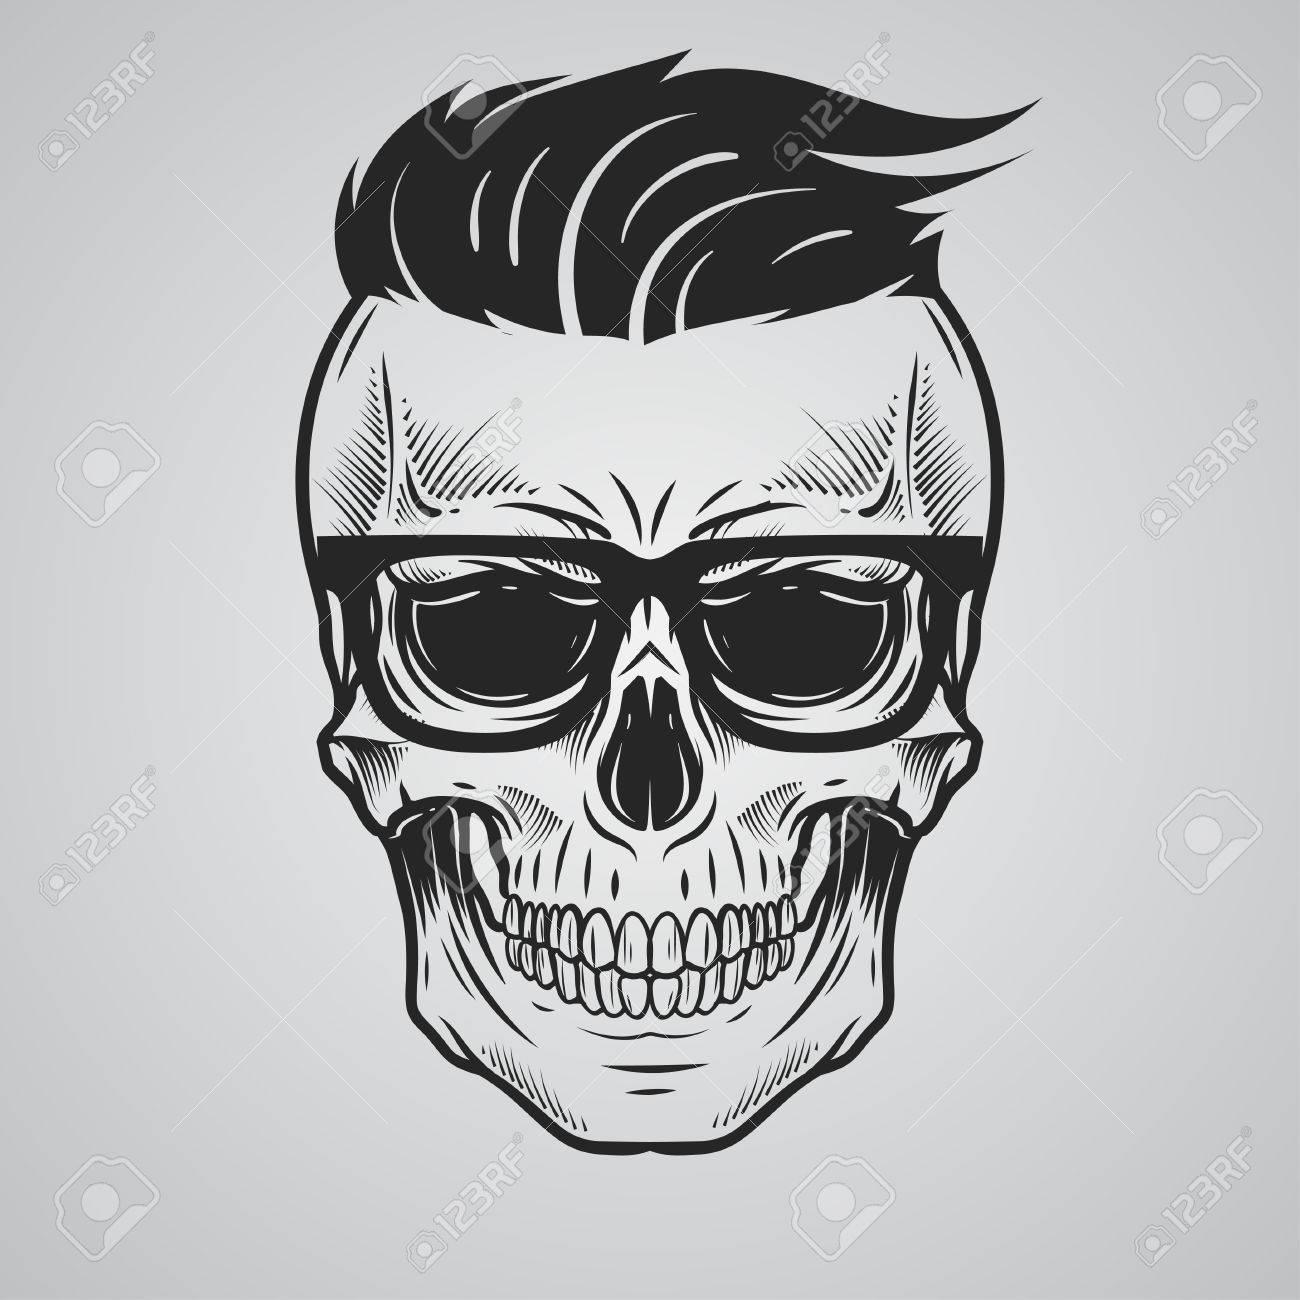 Skull illustration Stock Vector - 59357697